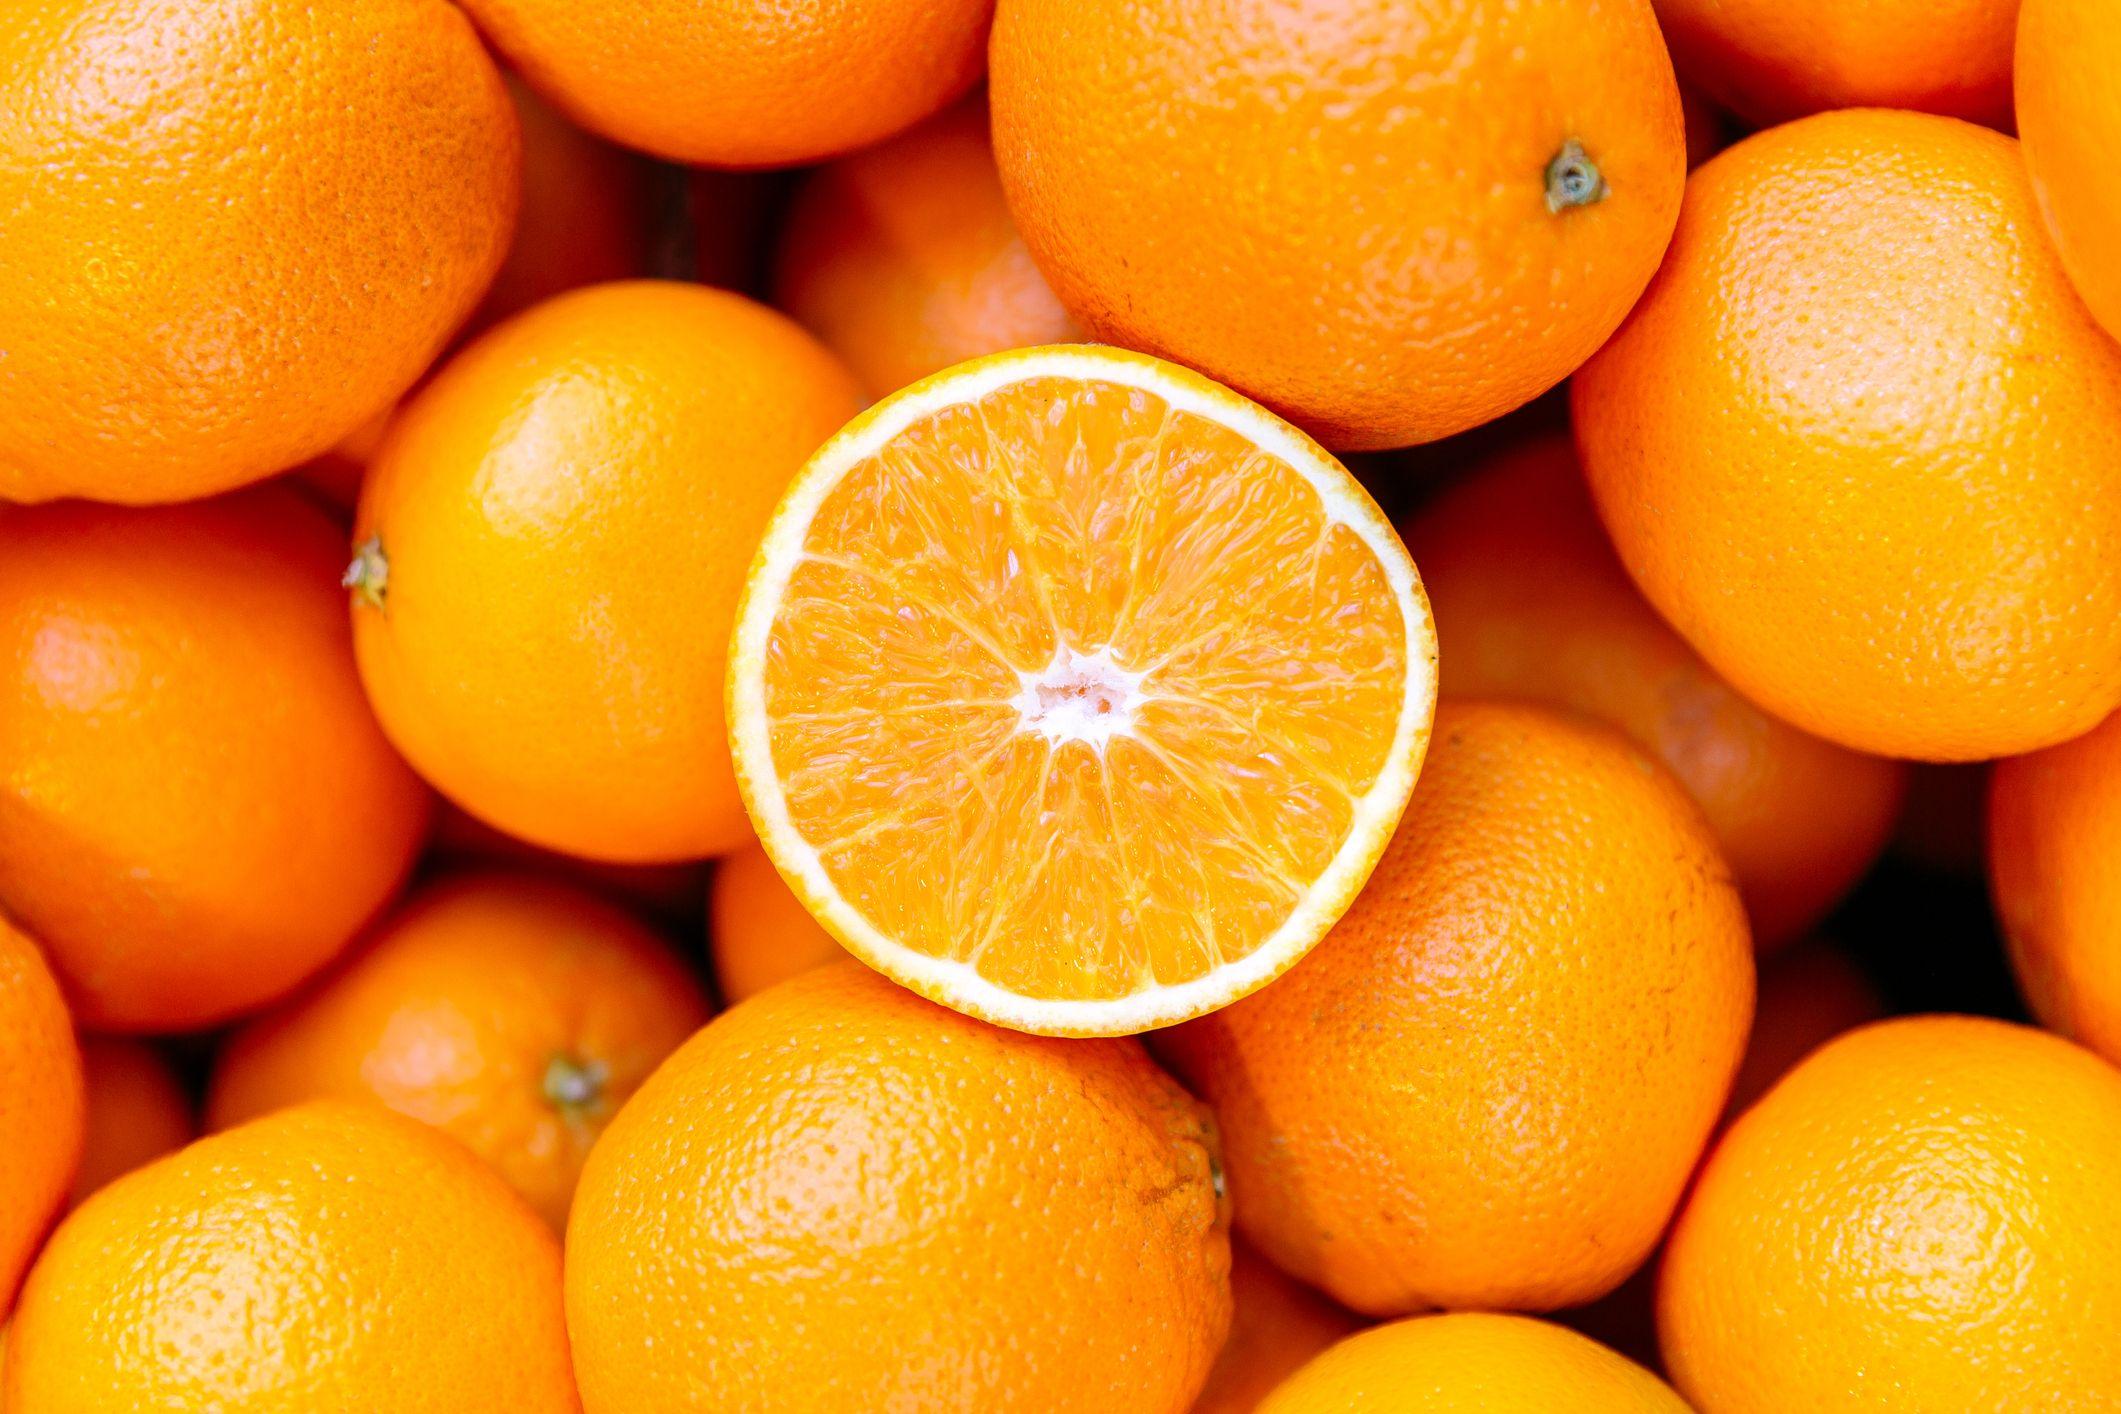 Các trại chủ trồng cam kinh hoàng khi có tin nhiều trái cam có dương tính COVID-19. .